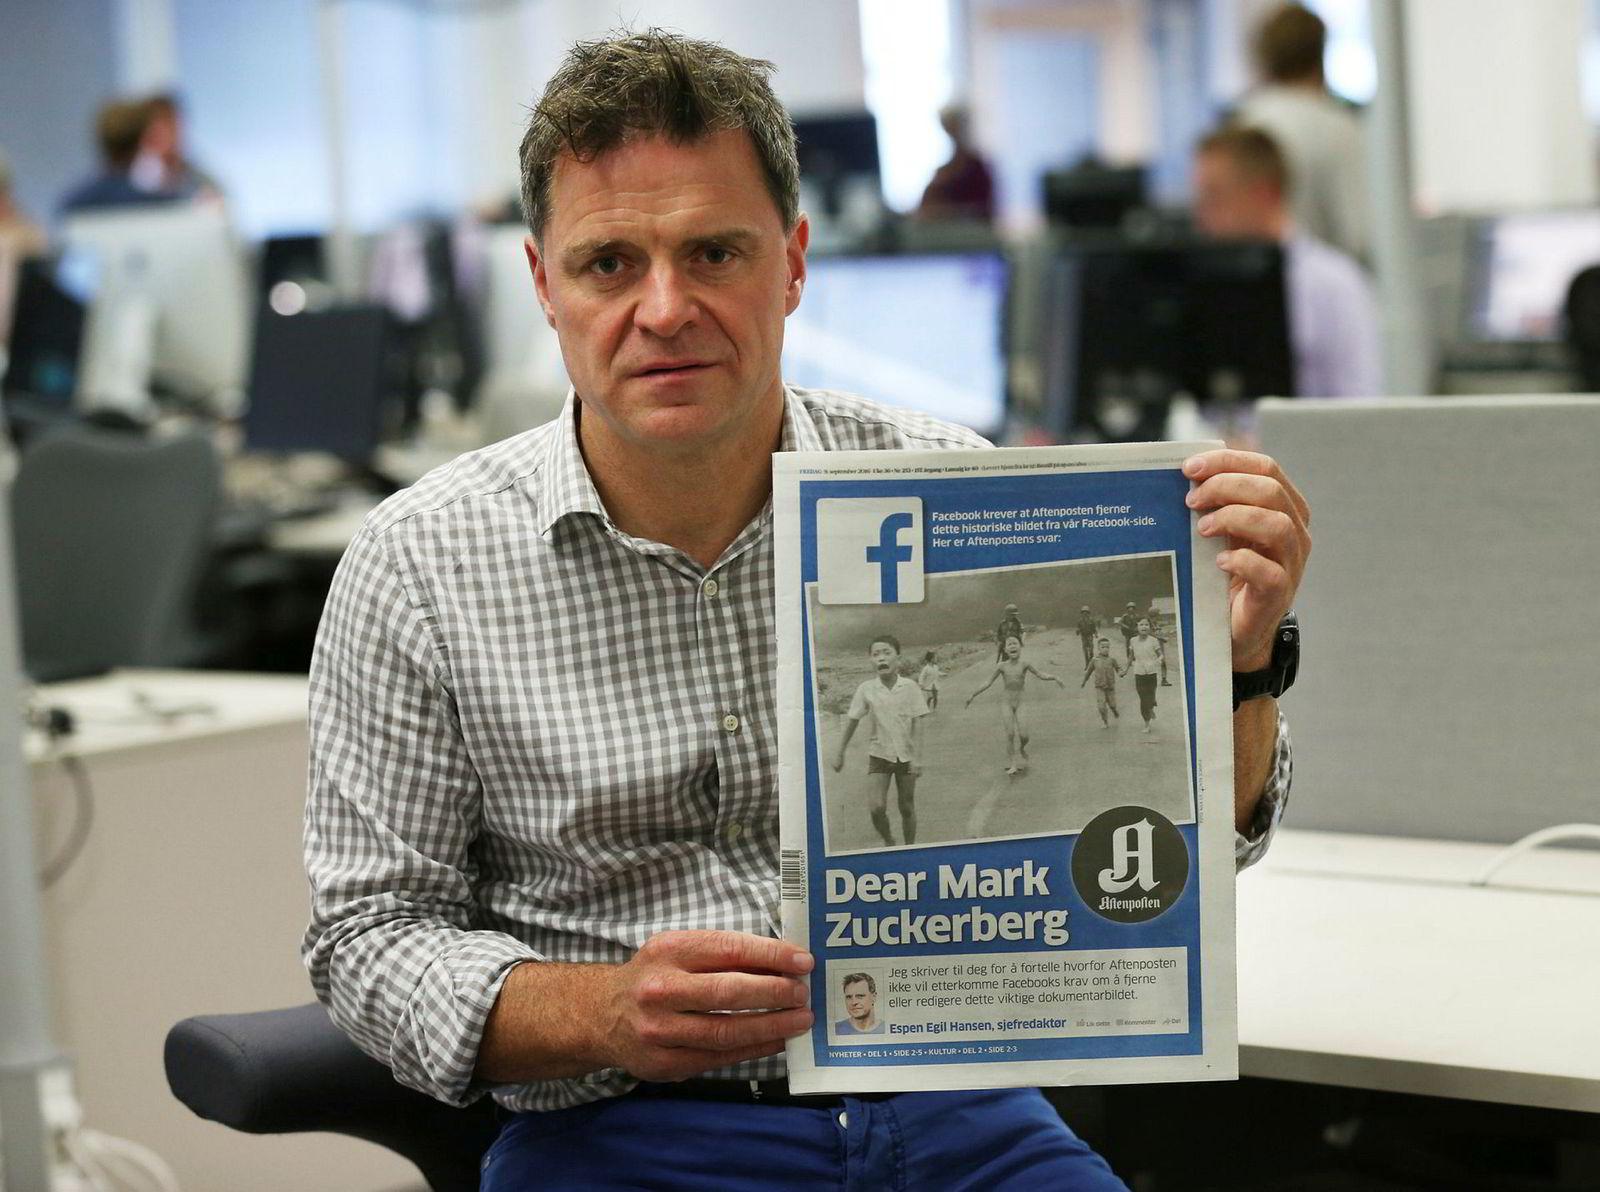 Aftenpostens sjefredaktør Espen Egil Hansen med forsiden der han henvendte seg direkte til Mark Zuckerberg.